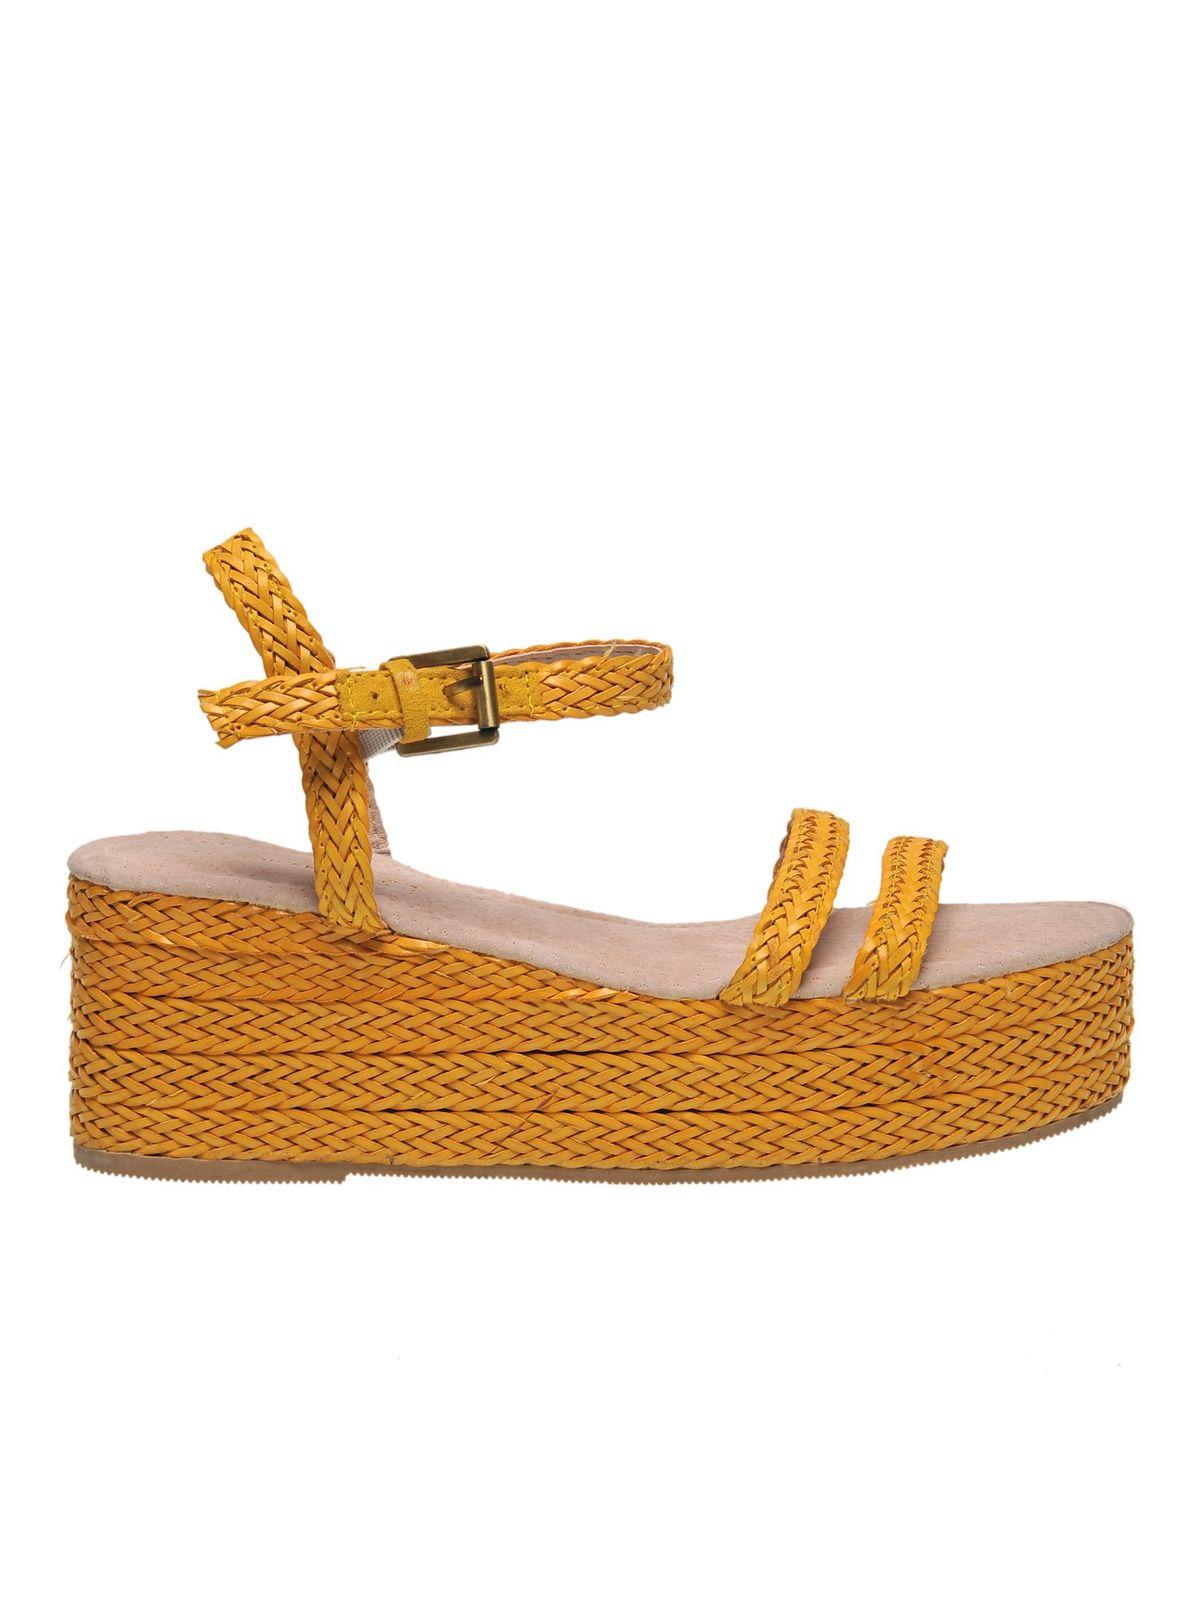 Sandale Top Secret galbene casual din material impletit din piele ecologica